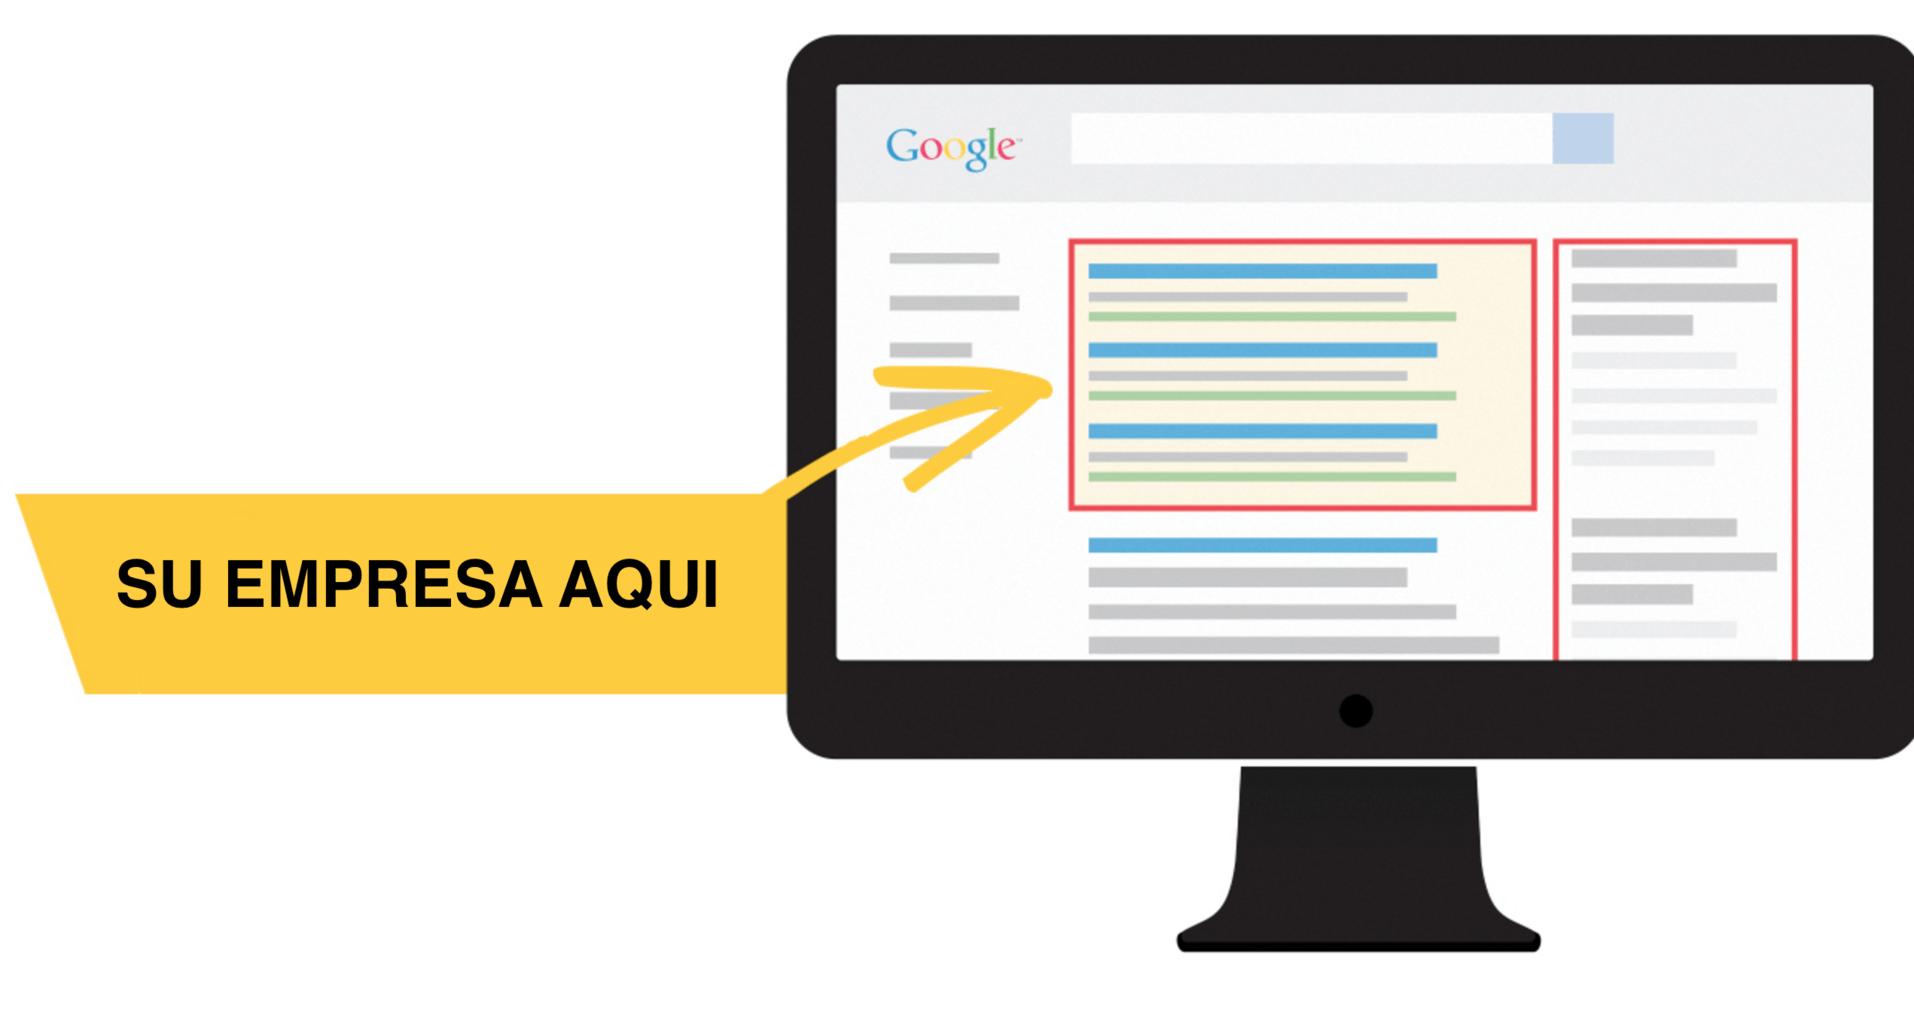 captacion de clientes, posicionamiento google adwords, google adwords